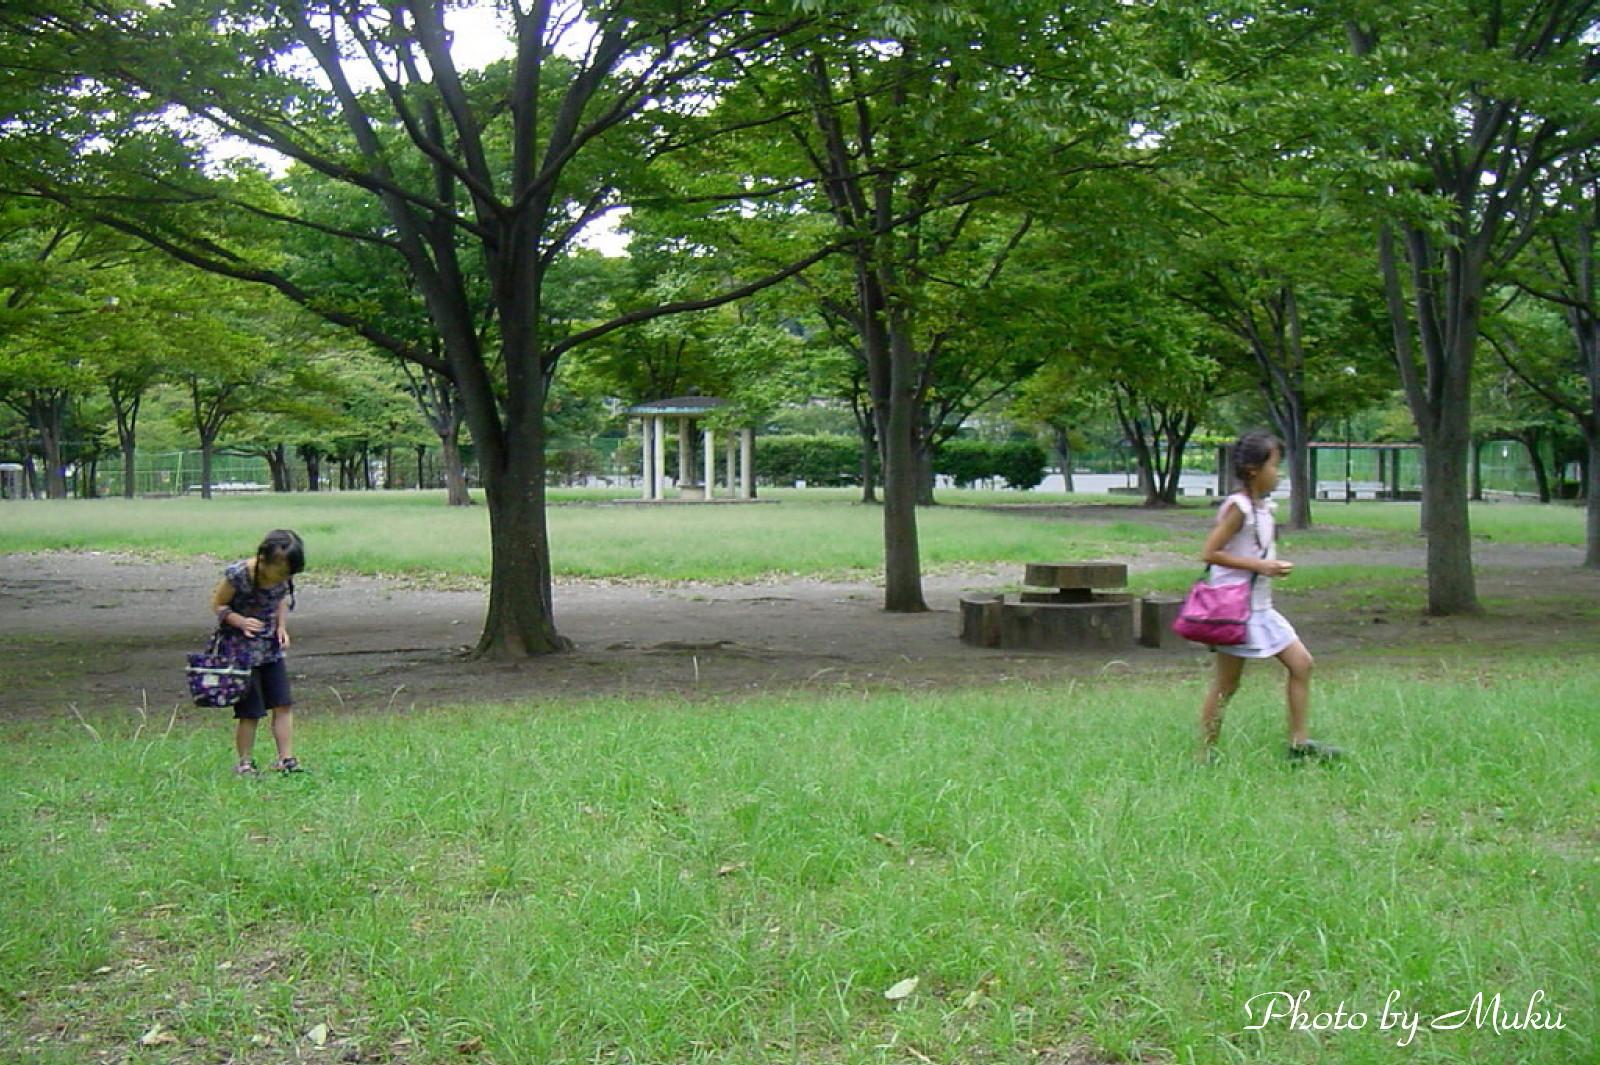 2012.9.29 何を見つけたのかな (神明公園:神奈川県横須賀市)